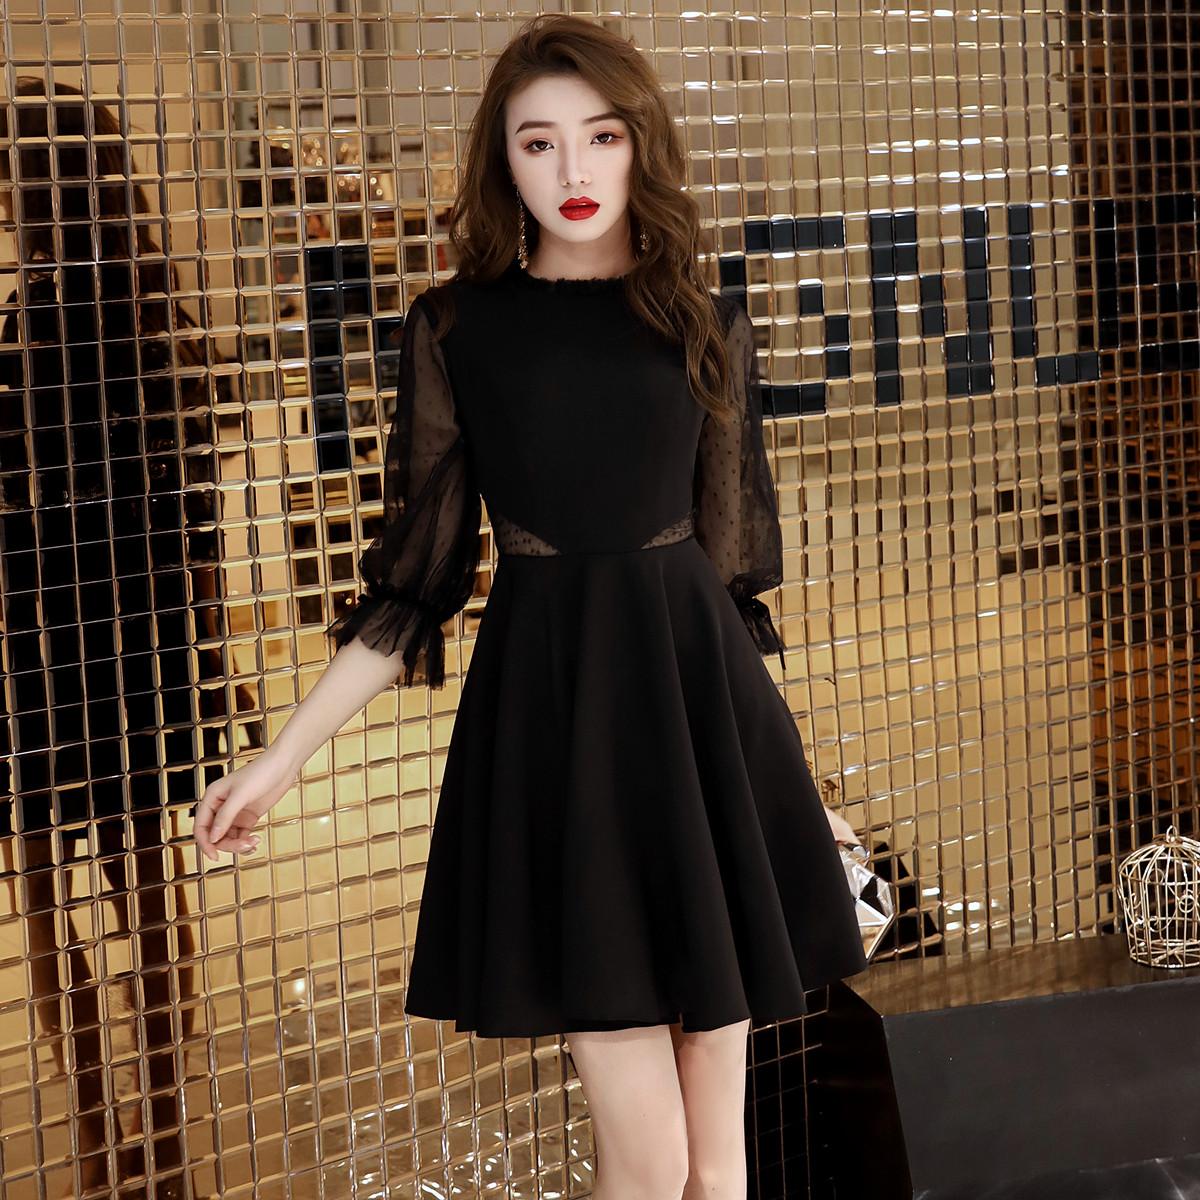 2021新款黑色平时可穿晚礼服连衣裙女宴会气质轻奢小洋装高级质感